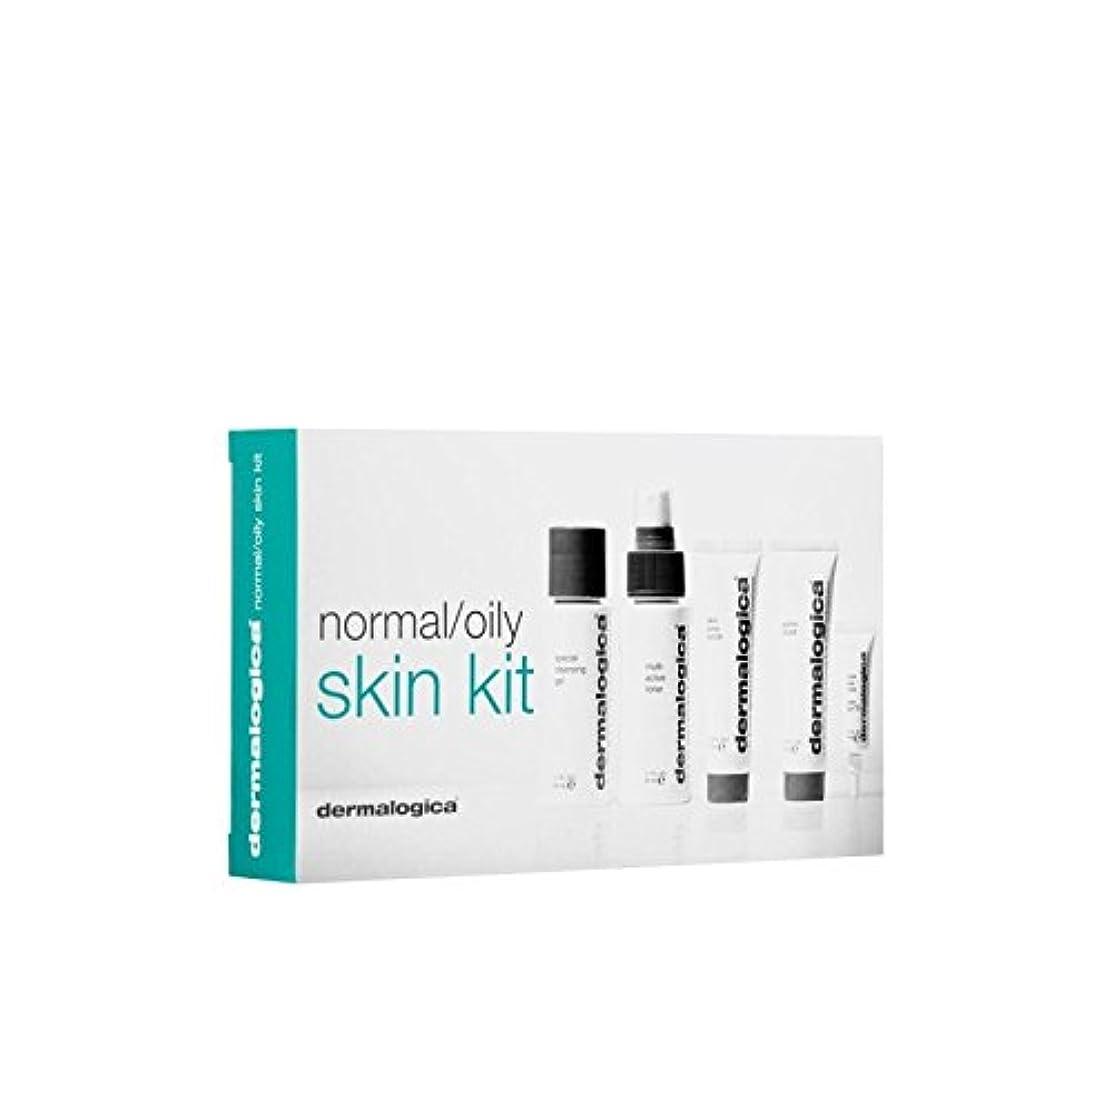 無意識当社市場Dermalogica Skin Kit - Normal/Oily (5 Products) (Pack of 6) - ダーマロジカスキンキット - ノーマル/オイリー(5製品) x6 [並行輸入品]